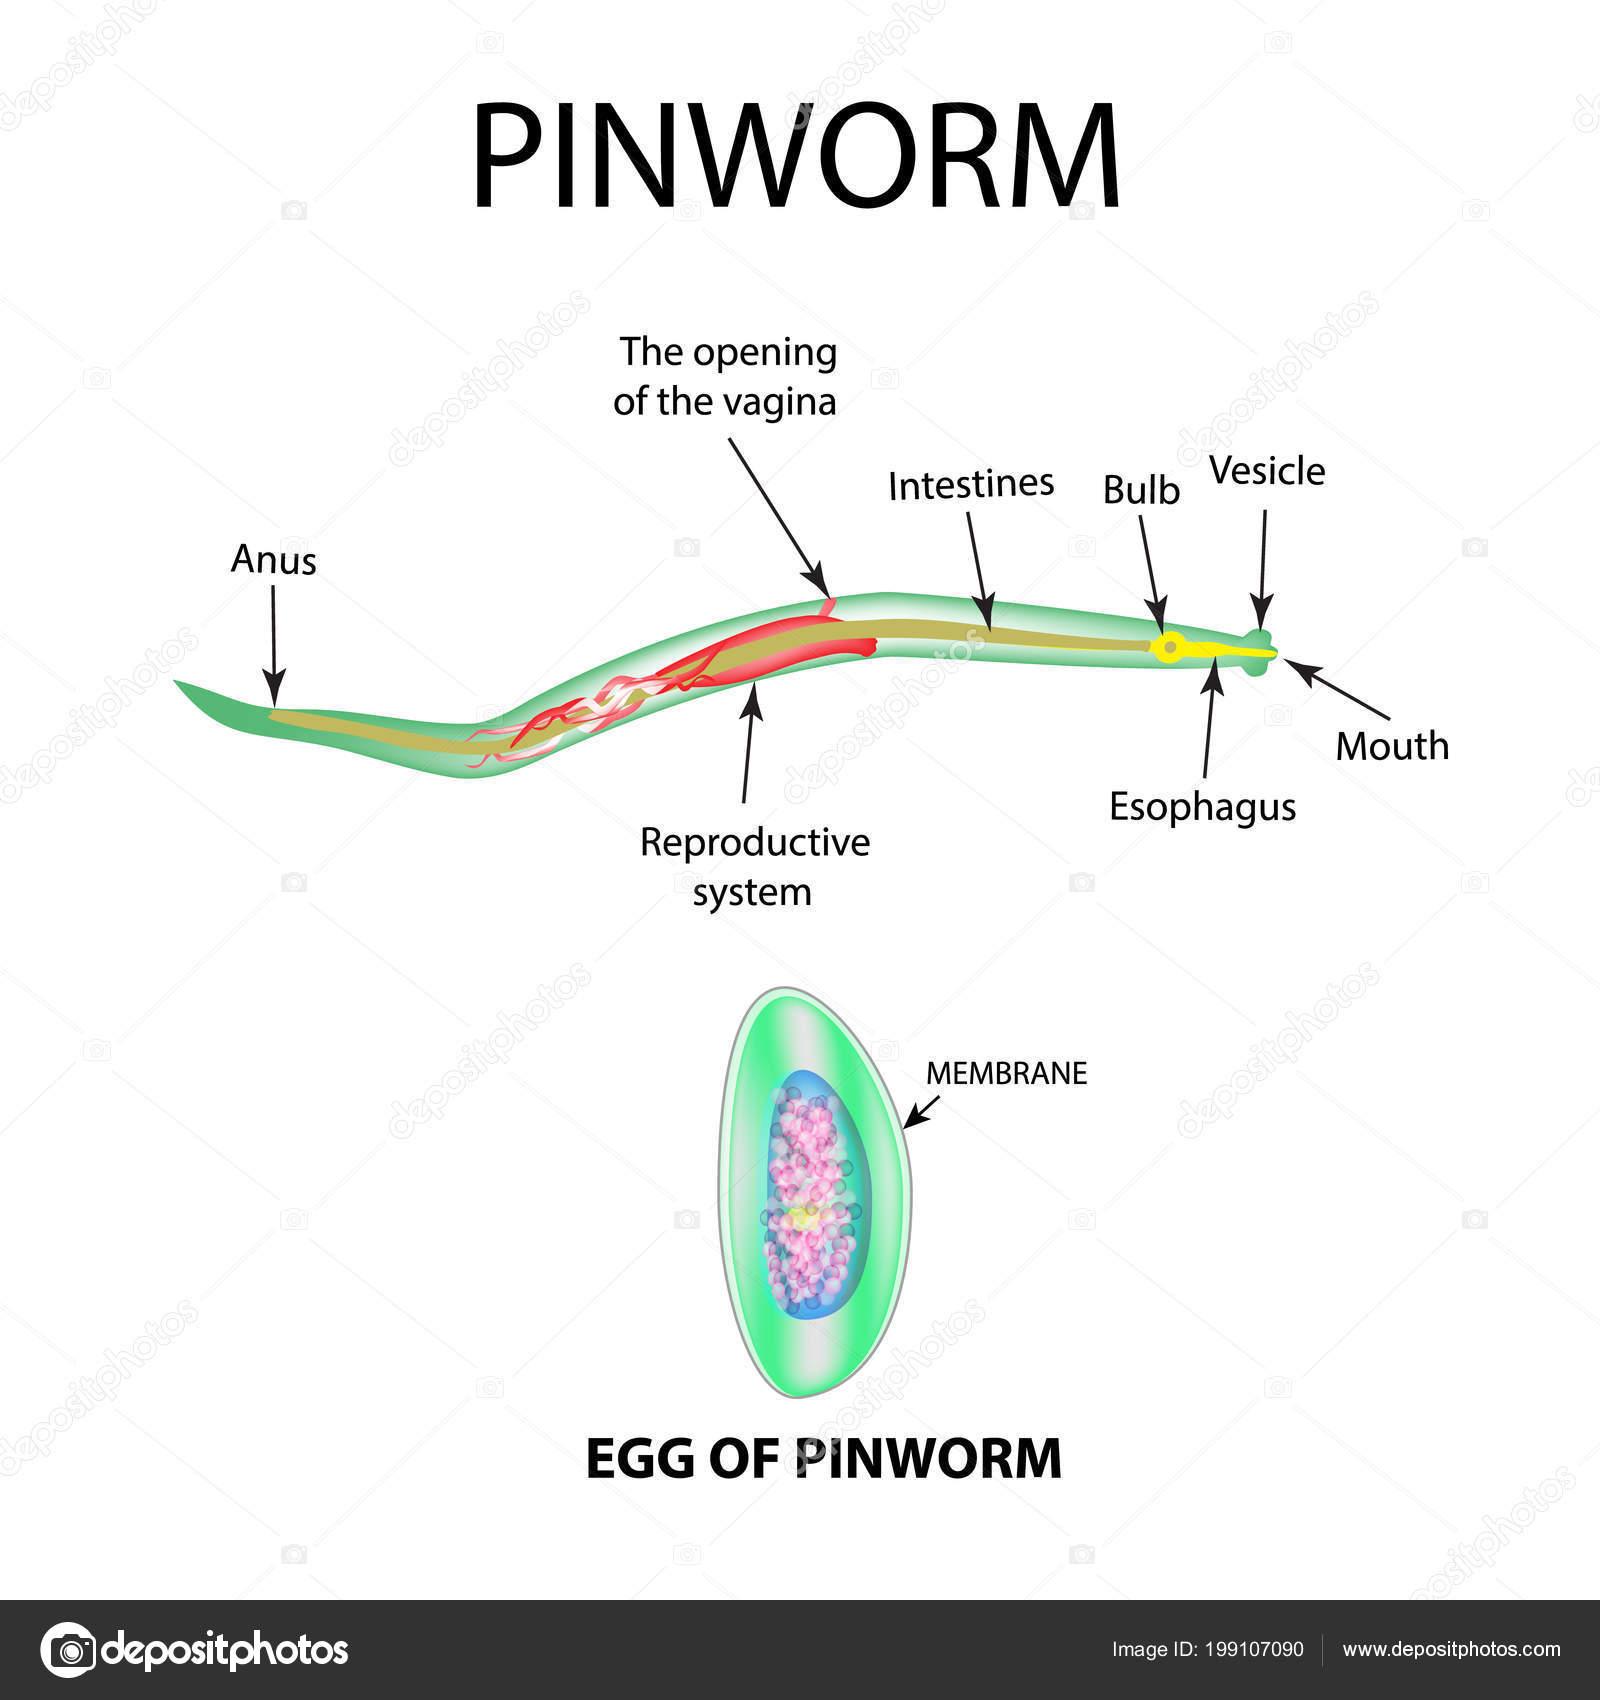 Pinworms székletben, mit kell tenni, Dr. Komarovsky a pinworms kezeléséről a gyermekeknél